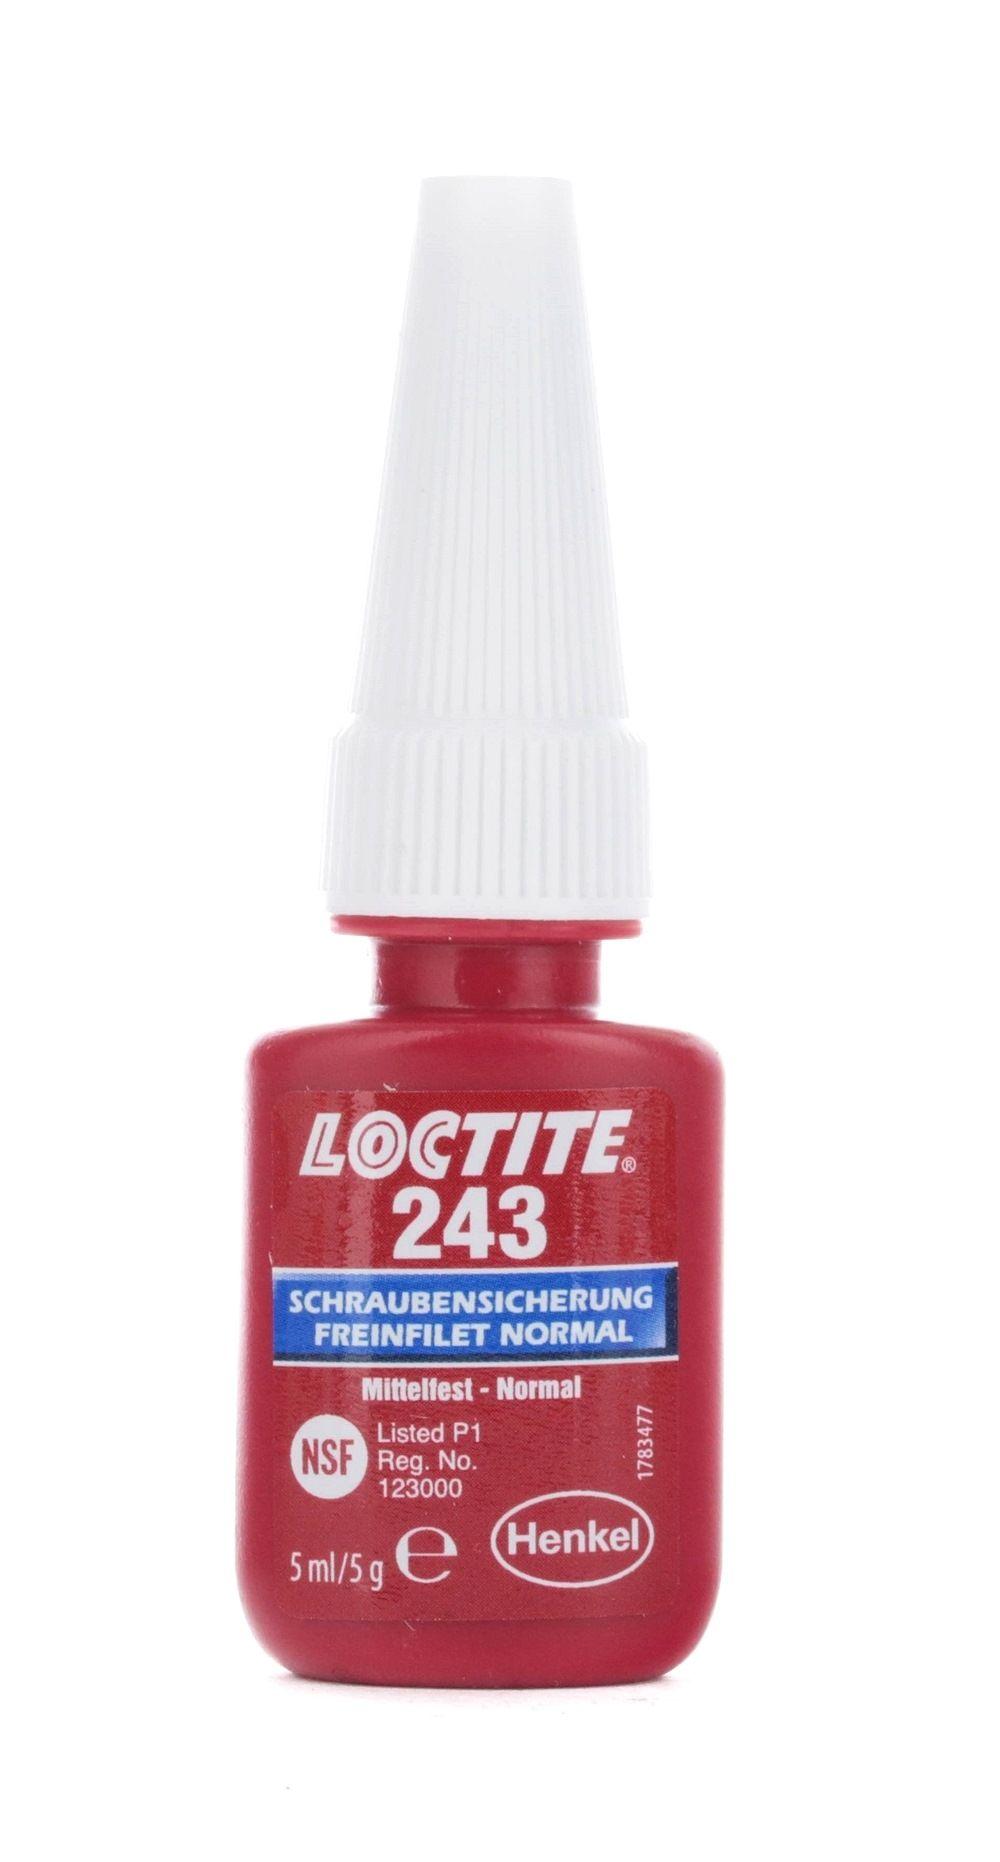 Schraubensicherung LOCTITE 1370555 Bewertung